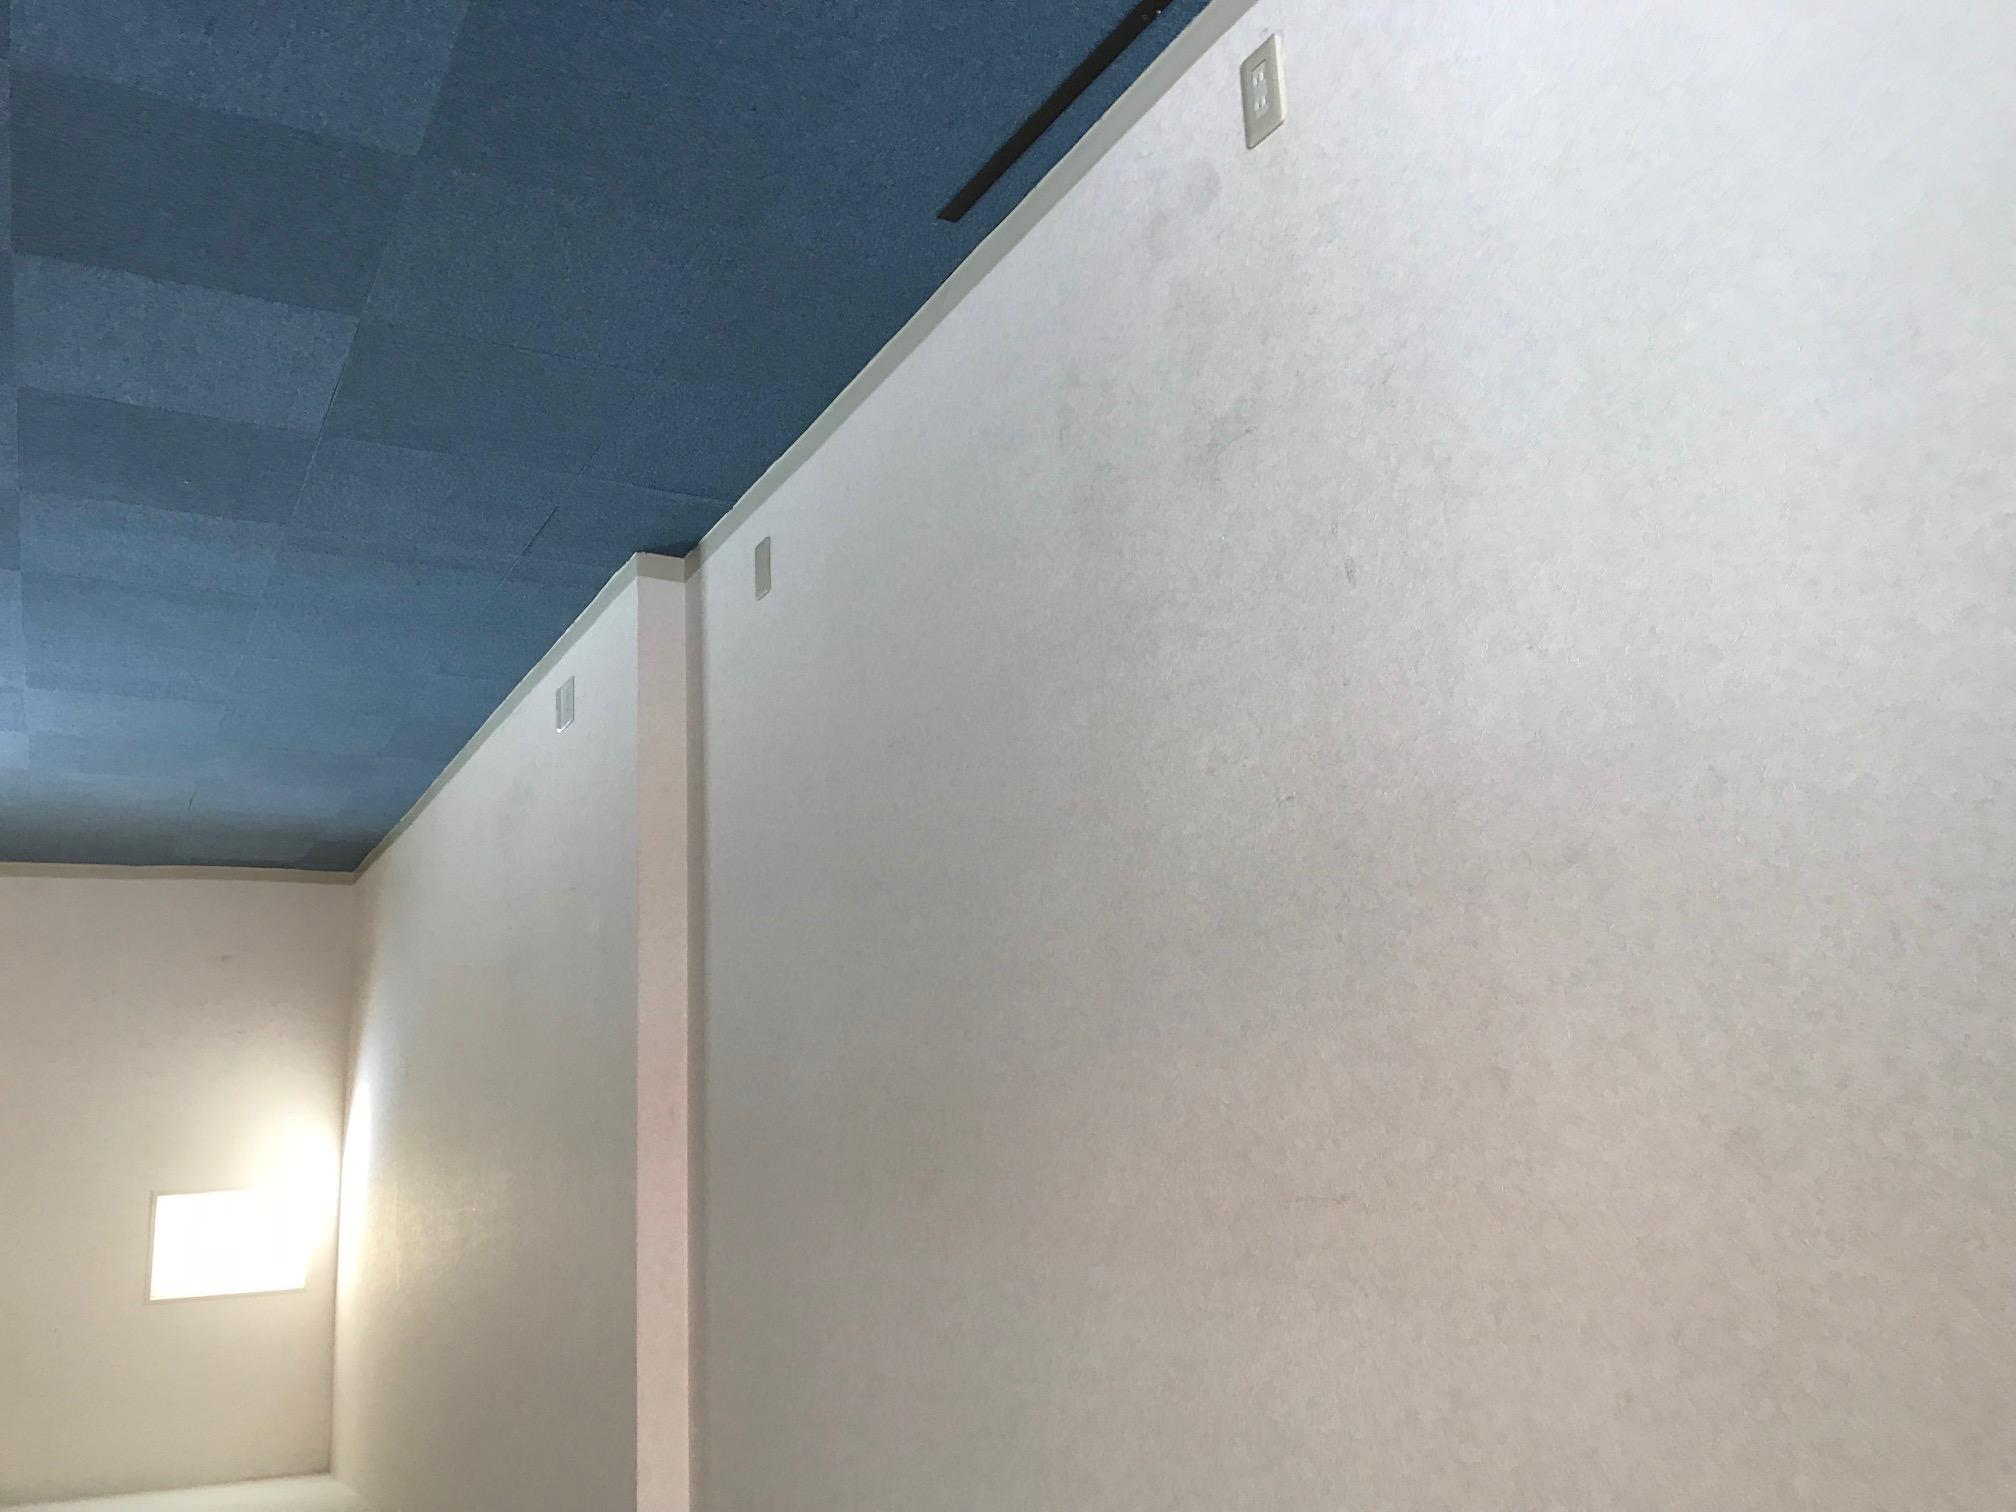 室内クロスの塗装施工前